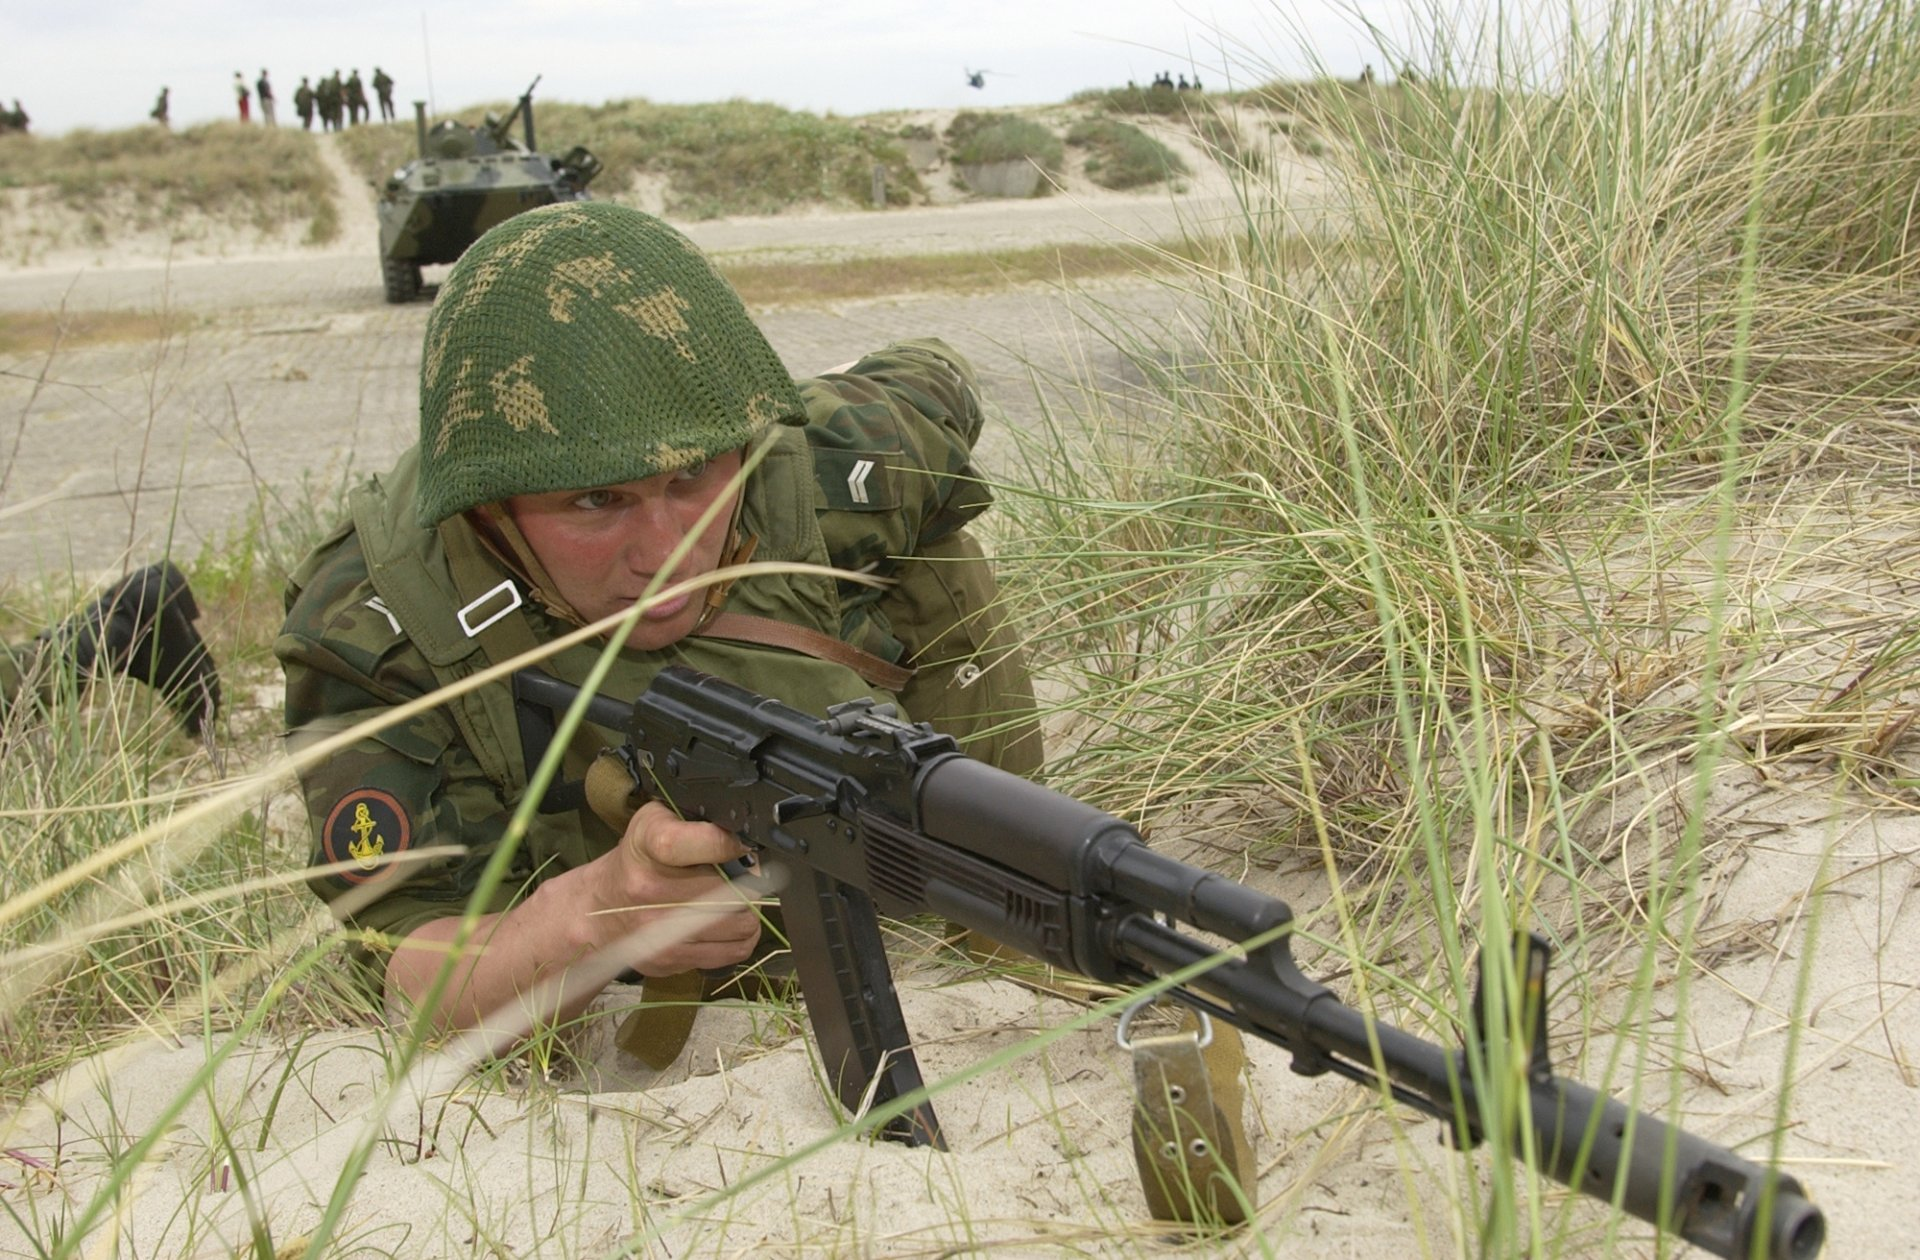 русский стрелок картинки называется узкая